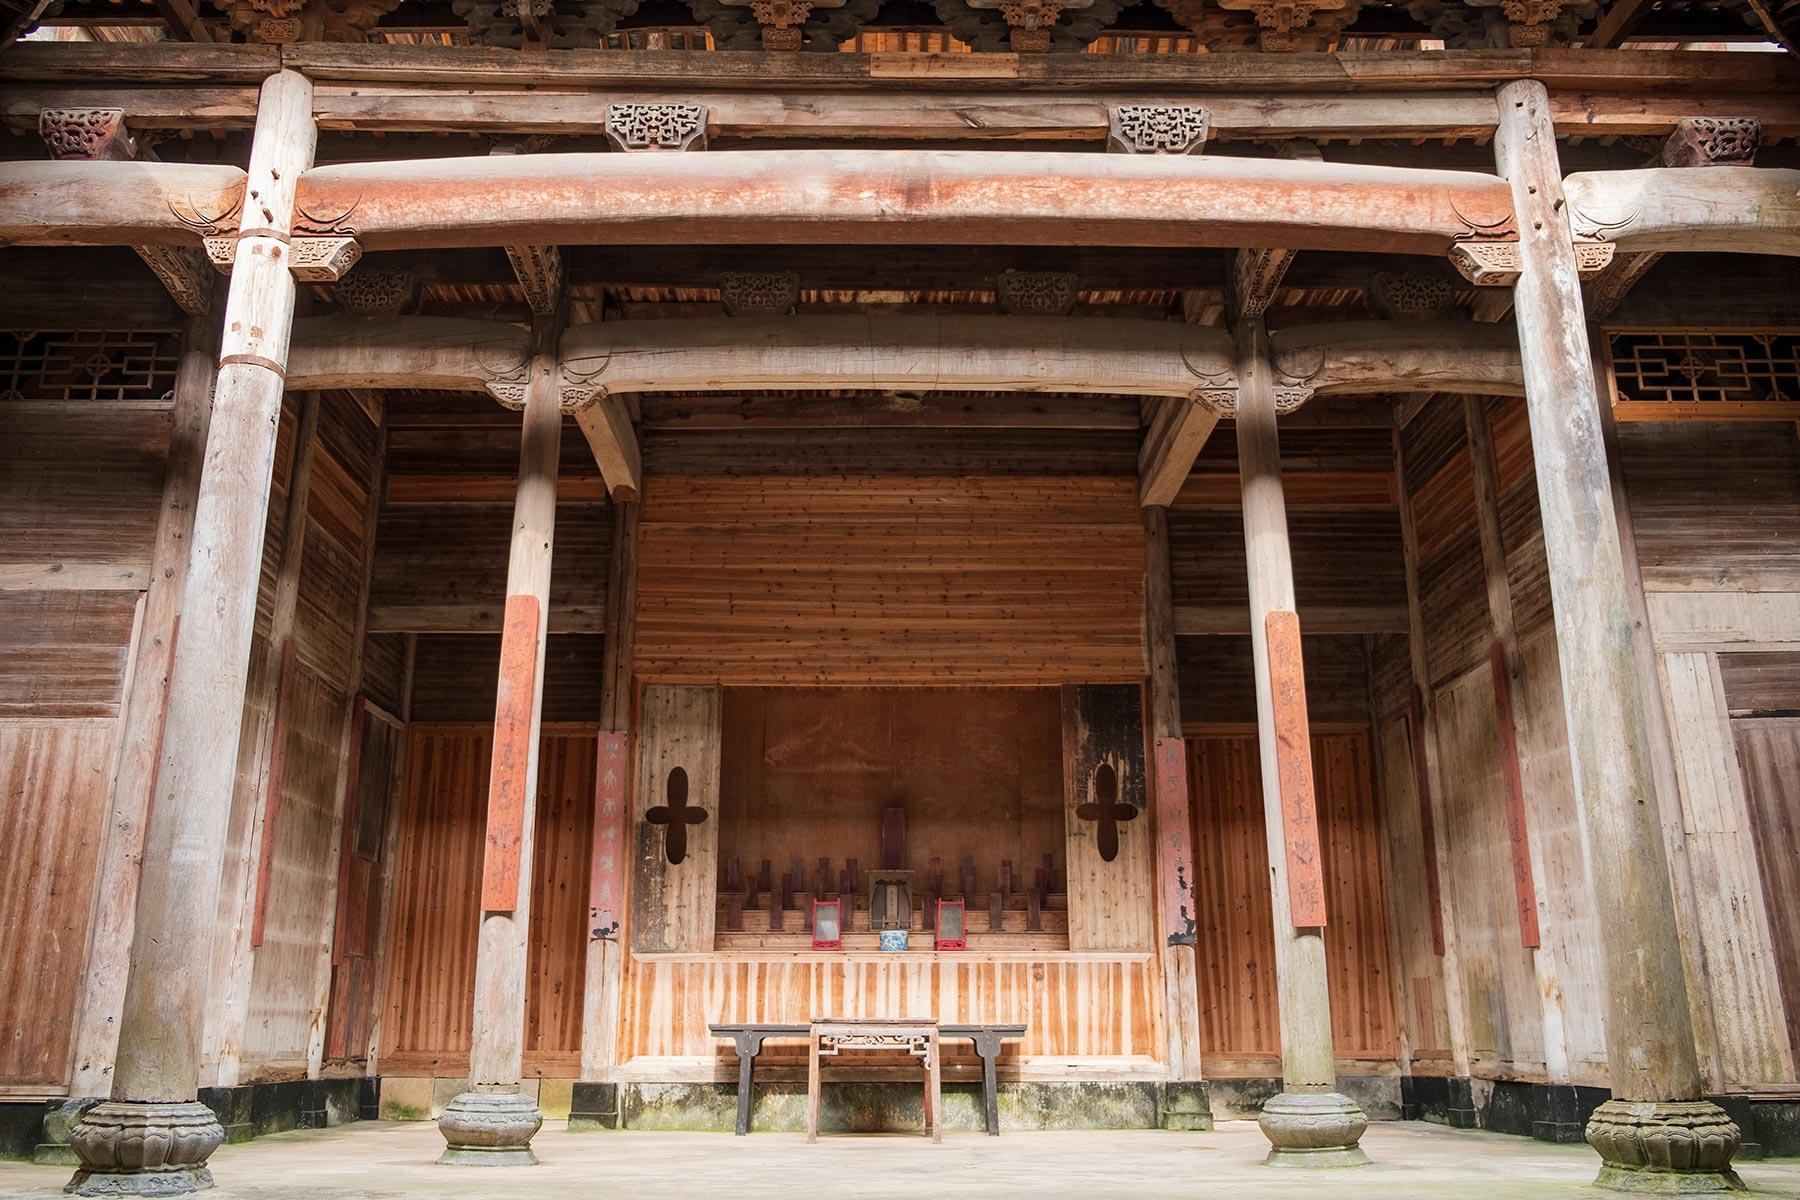 Ahnenhalle der Familie Ye in der historischen Altstadt Nanping in Anhui, China